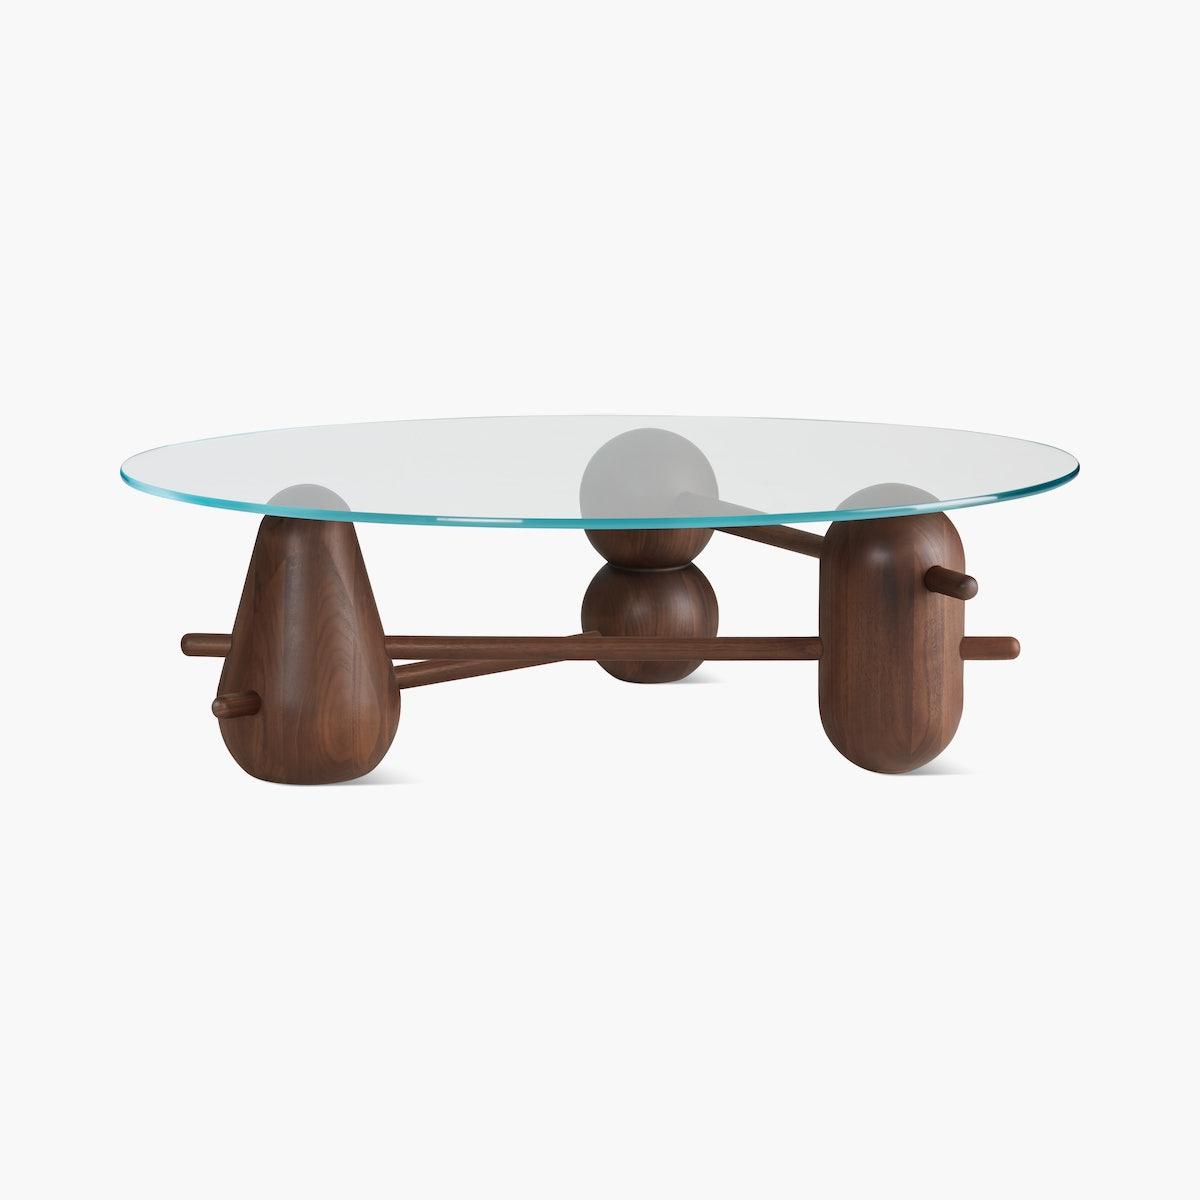 Hew Coffee Table, Ellipse